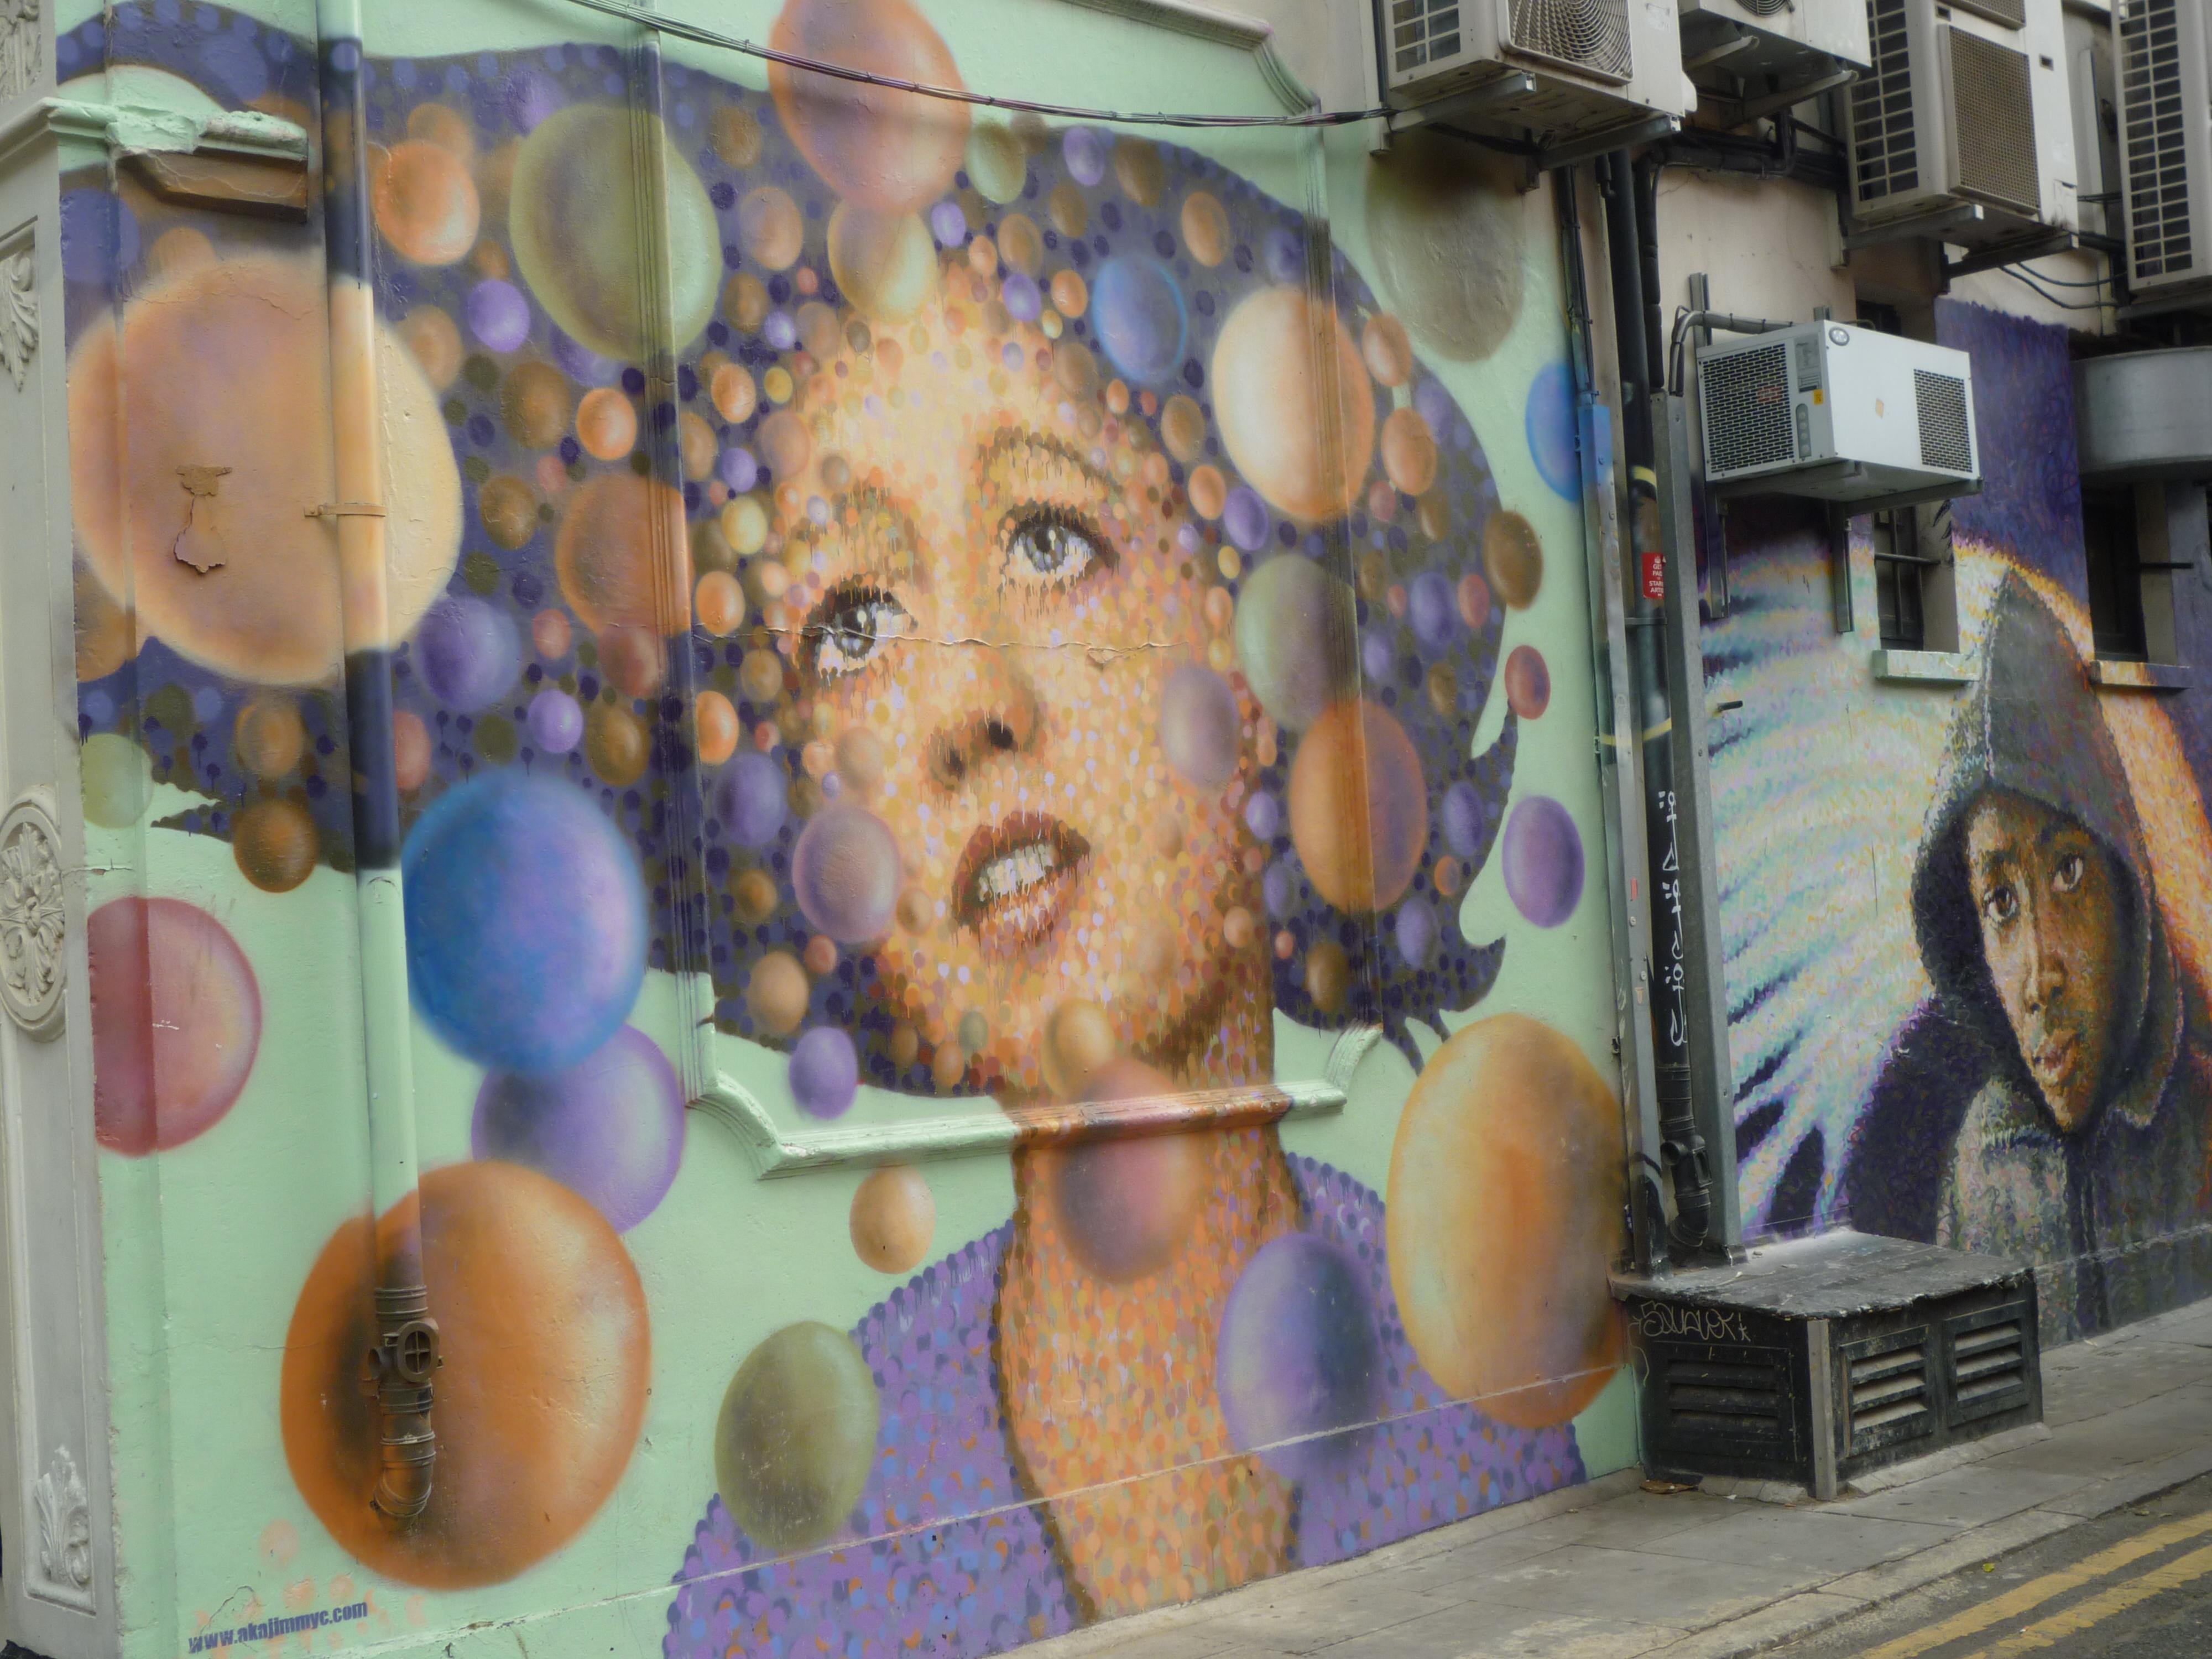 Street Art in London - portrait 6